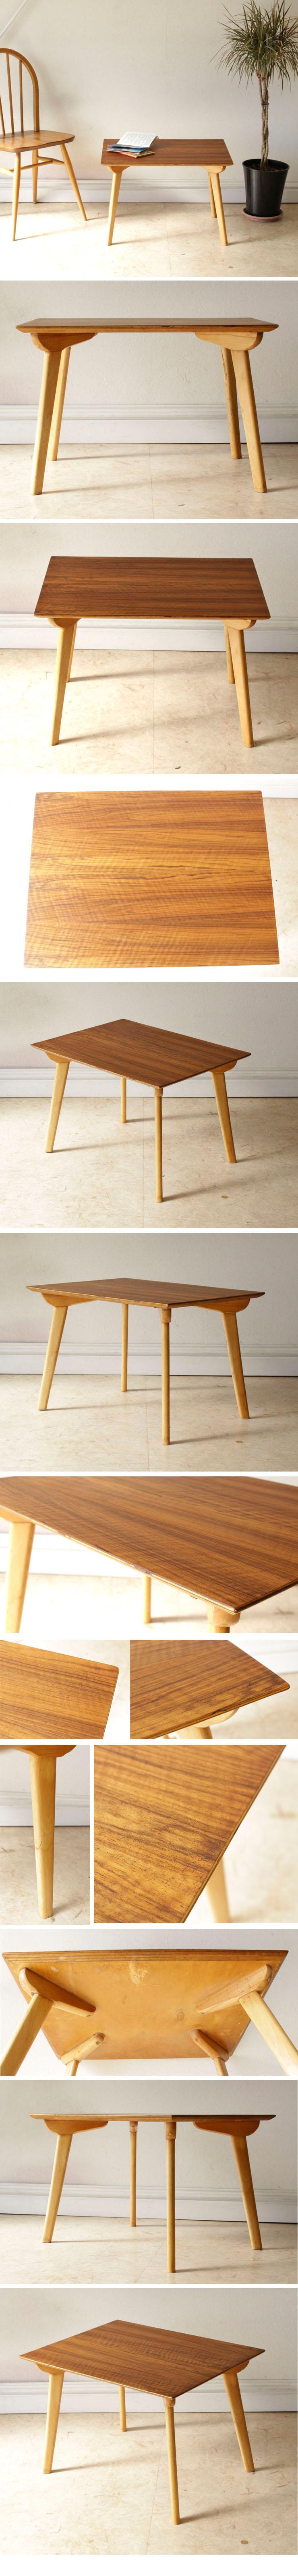 イギリス・コーヒーテーブル・センターテーブル・ウォールナット・ビンテージ・アンティーク・北欧